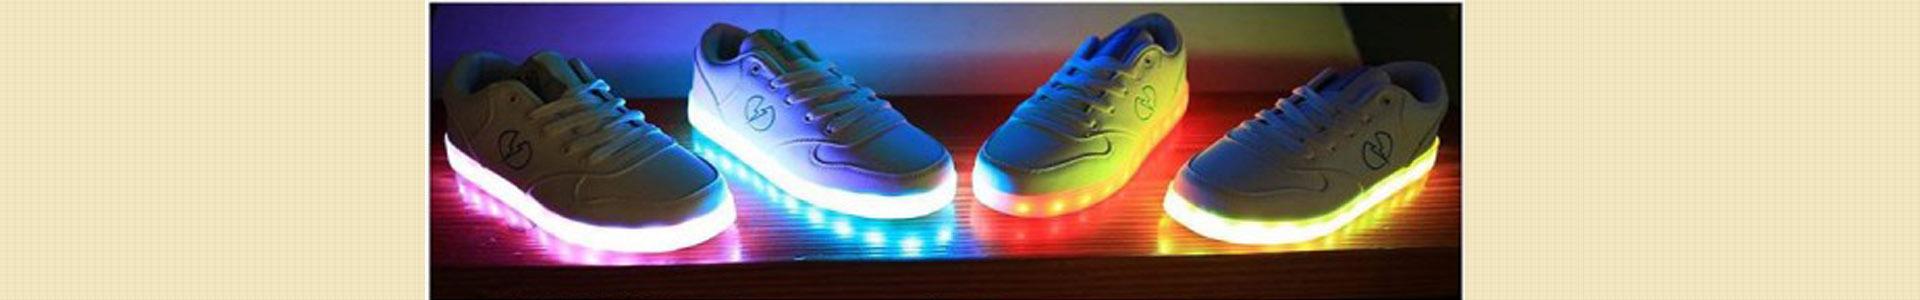 خرید کفش چراغ دار LED بچه گانه و بزرگسالان ویژه عید نوروز 100هزار